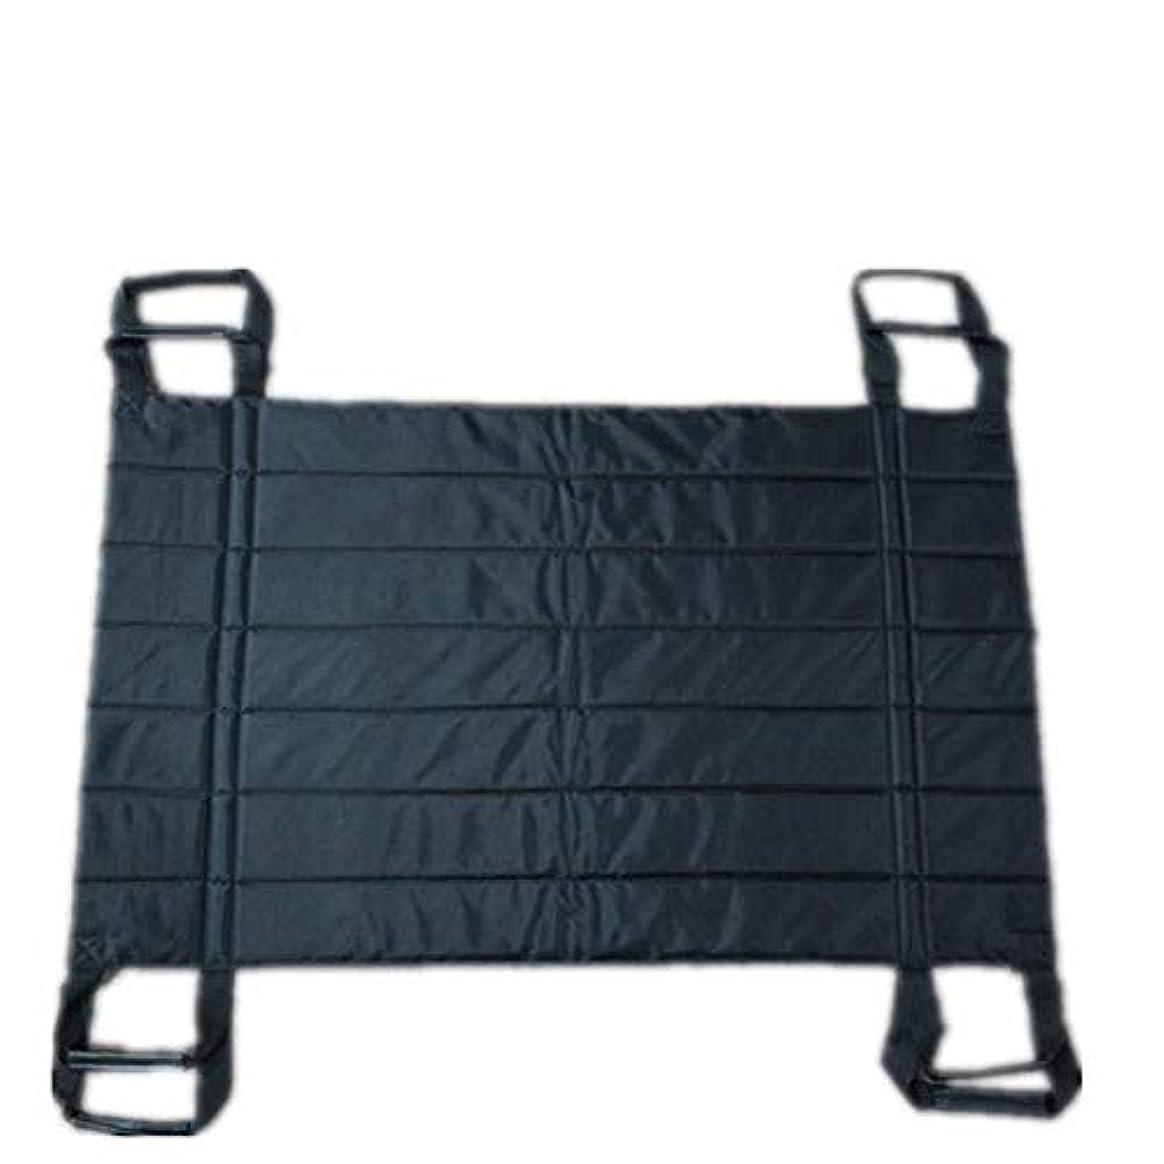 おなじみの角度抽出トランスファーボードスライドベルト-患者リフトベッド支援デバイス-患者輸送リフトスリング-位置決めベッドパッド